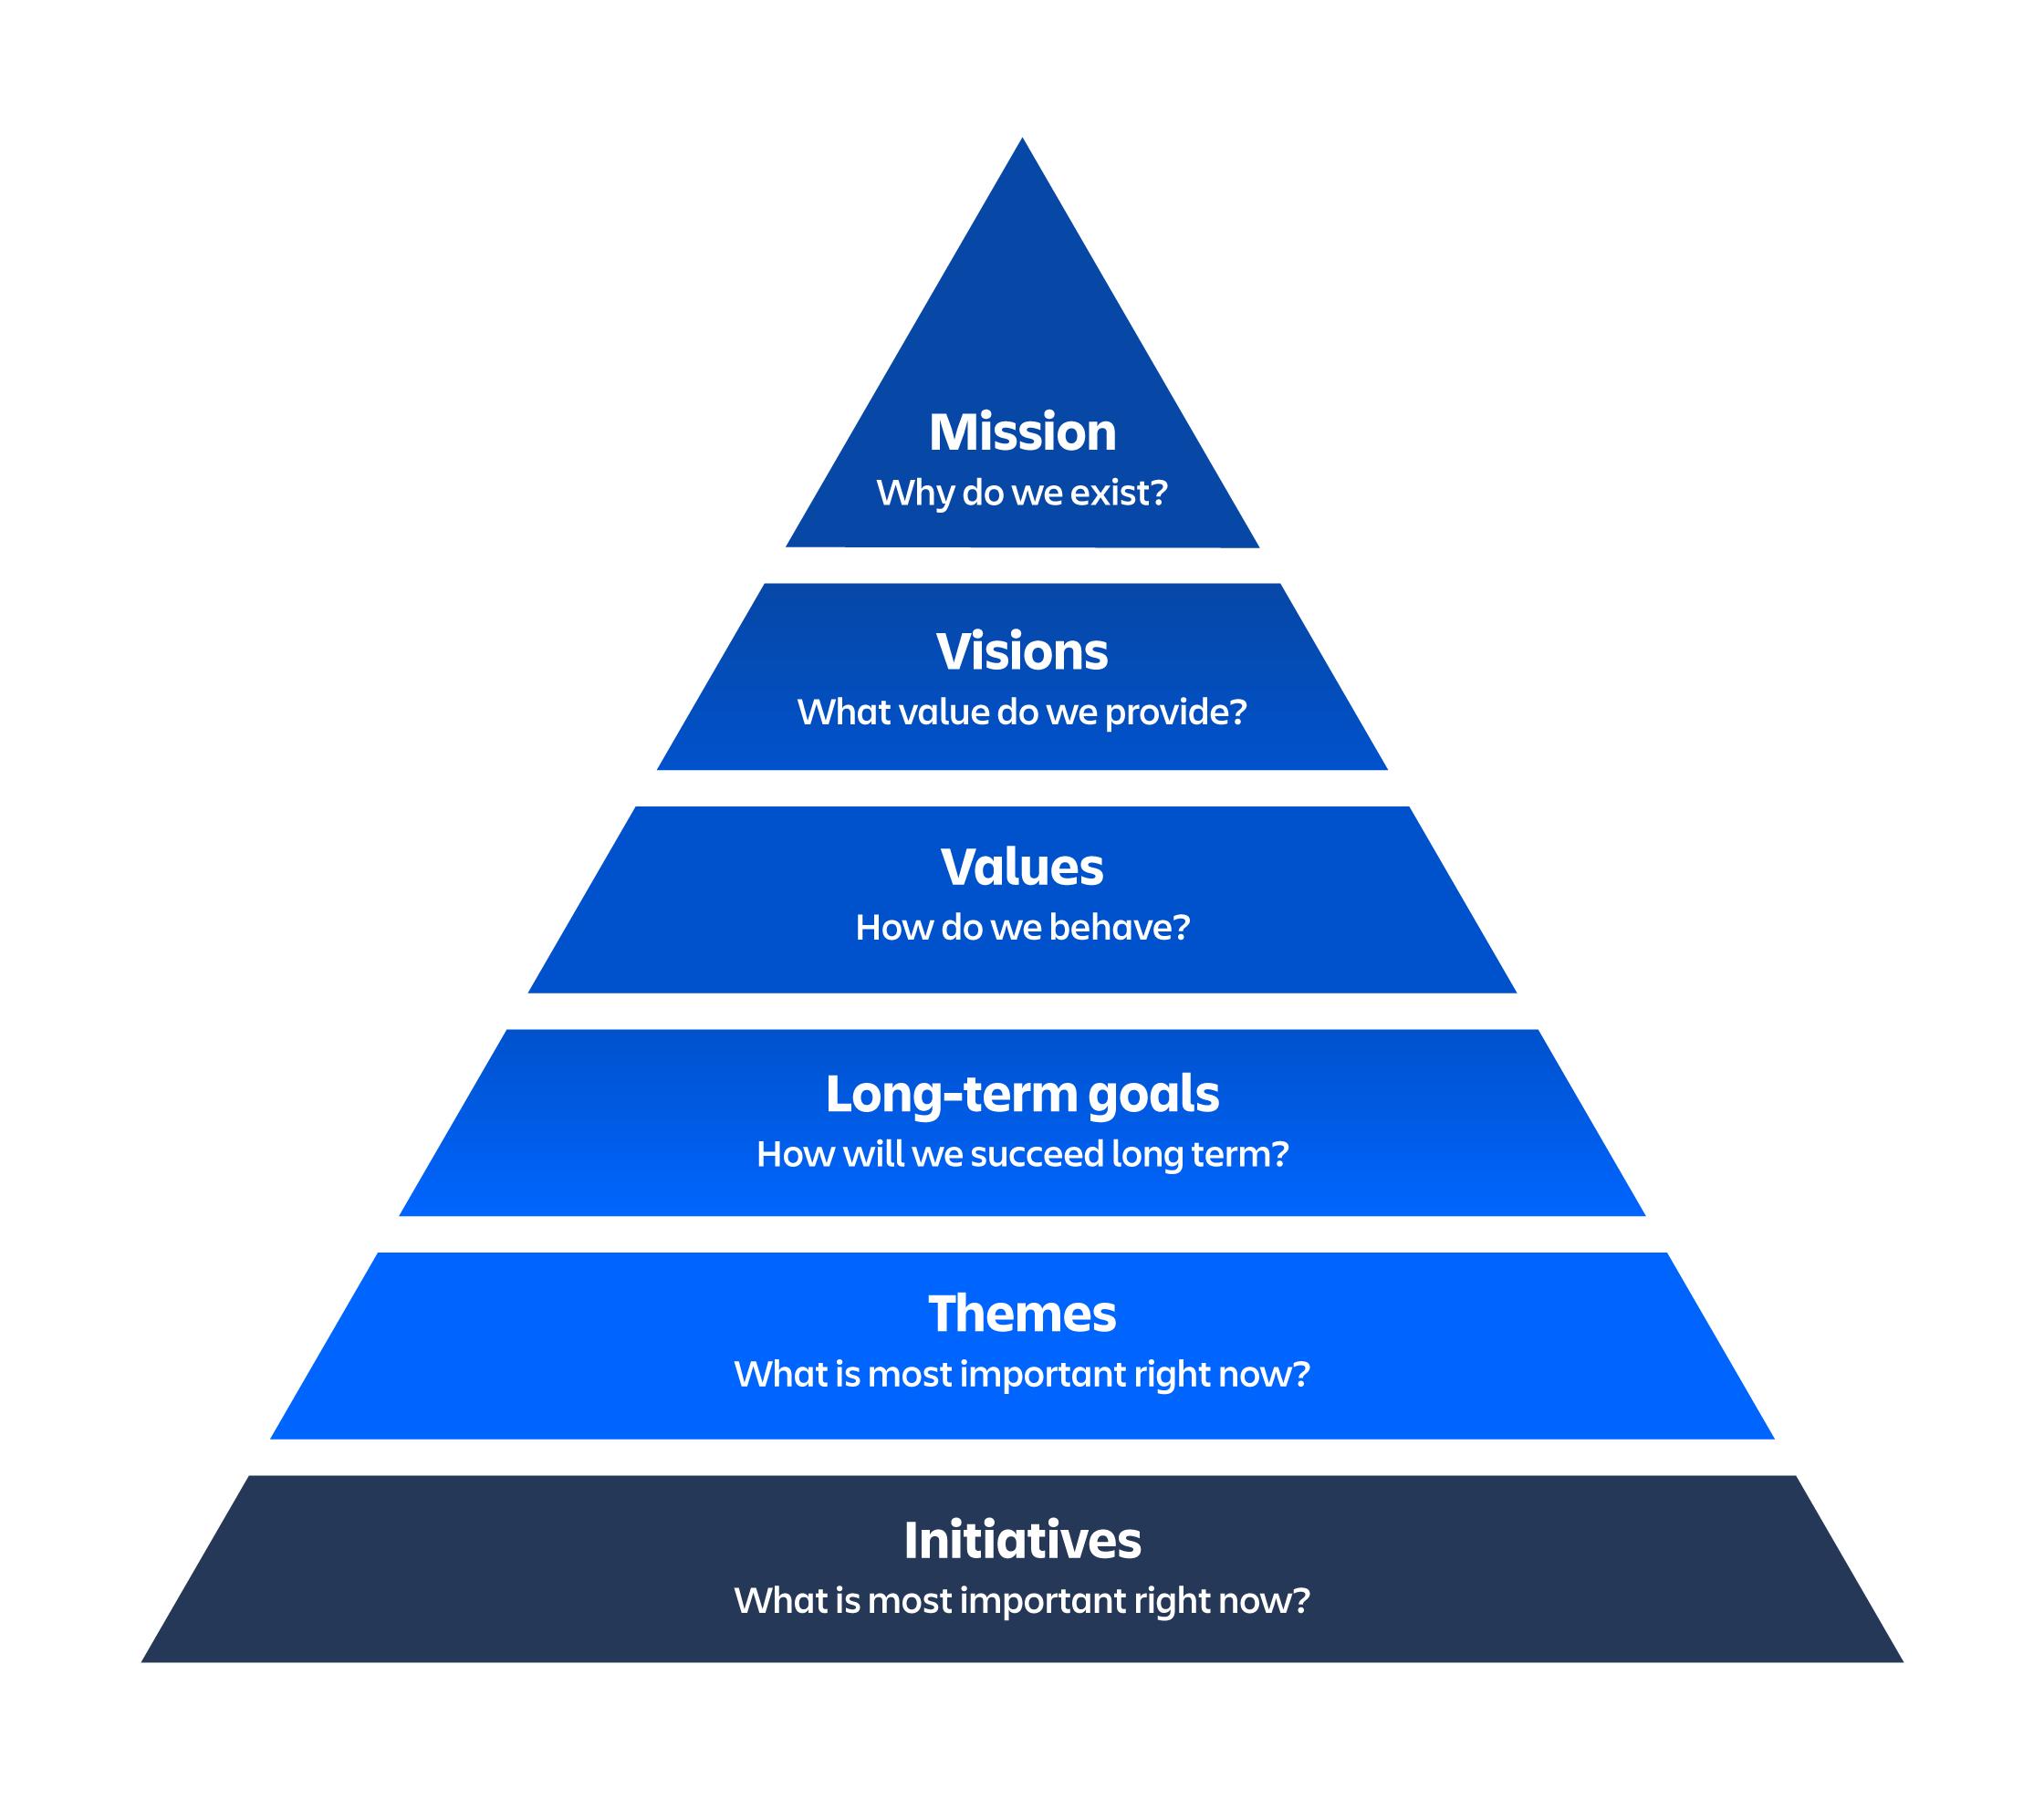 Pirámide de gestión de carteras lean con la misión en la cima y las iniciativas en la base